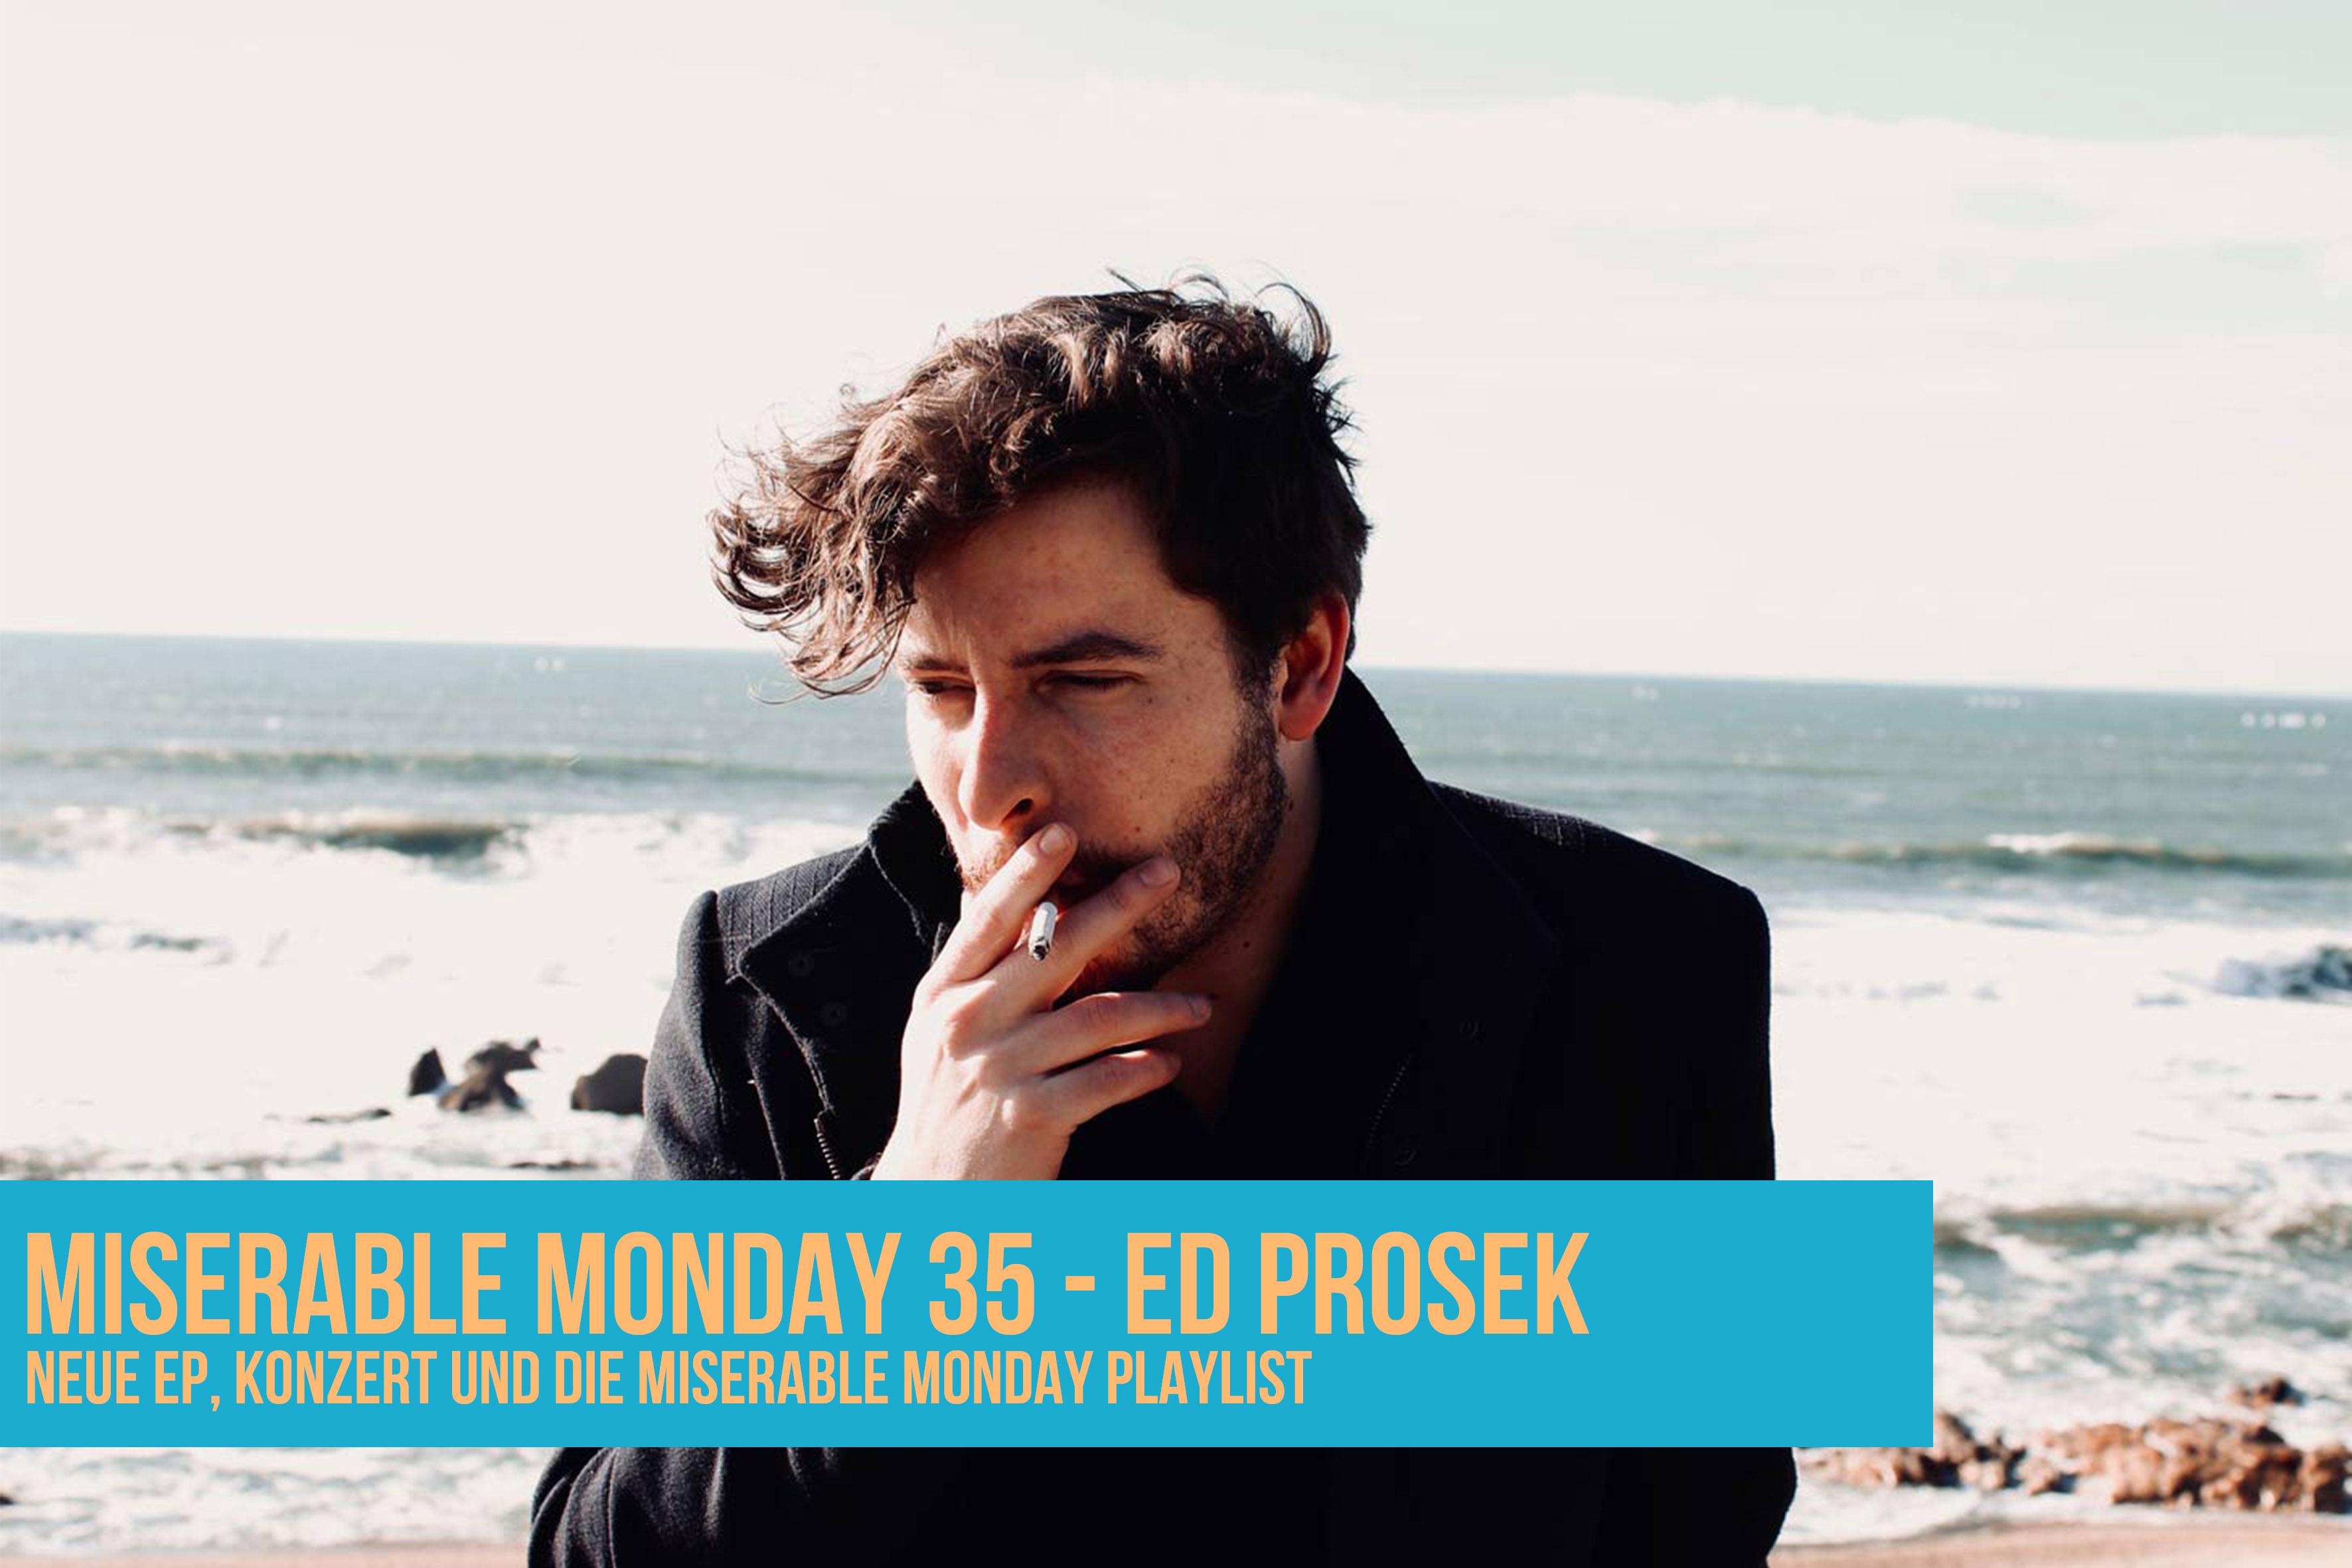 035 - Ed Prosek